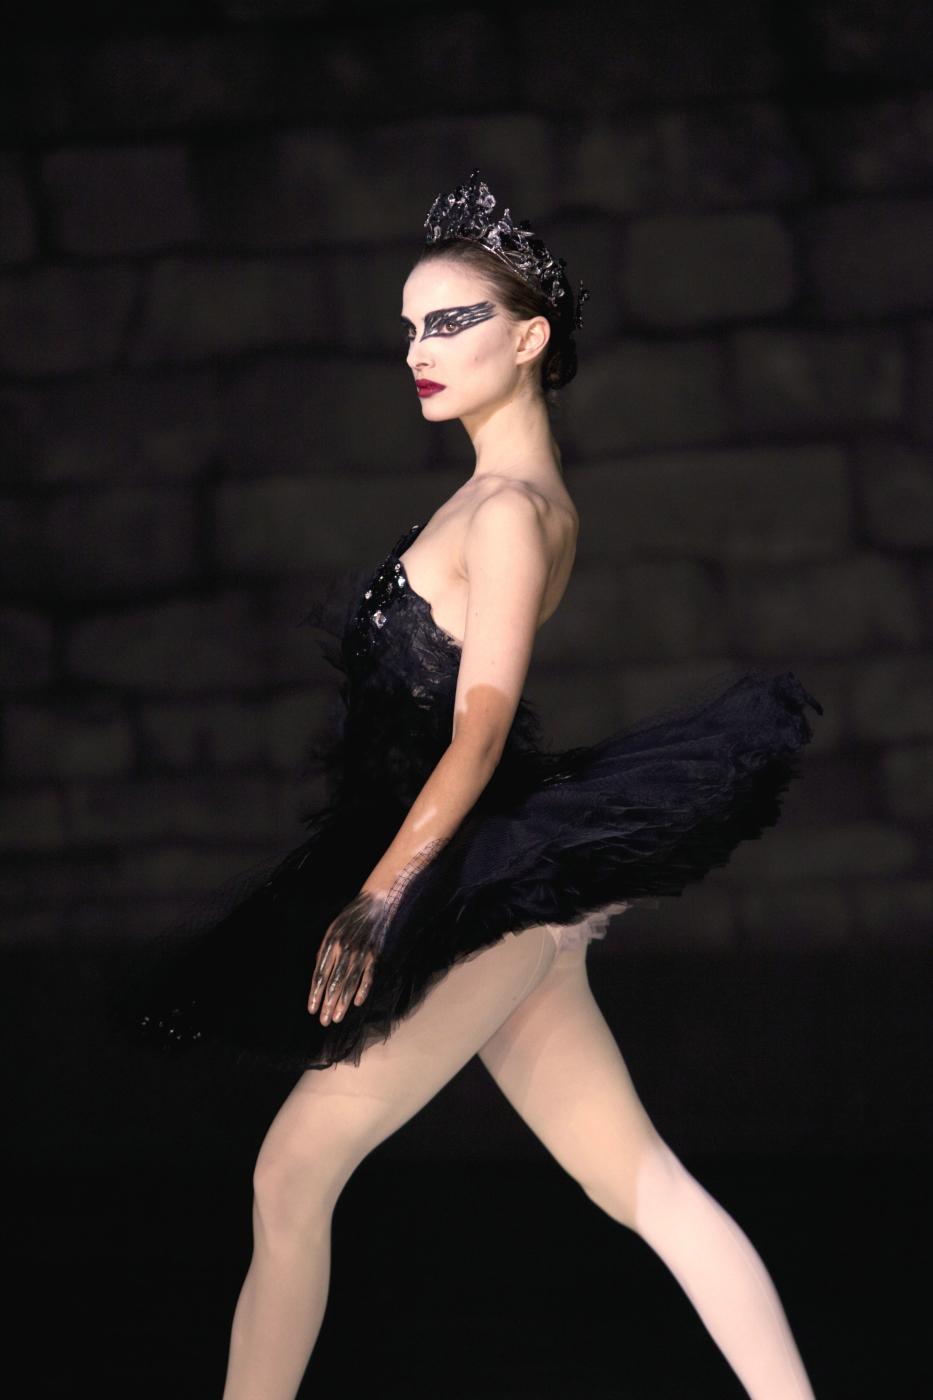 Natalie Portman in Darren Aronofsky's Black Swan